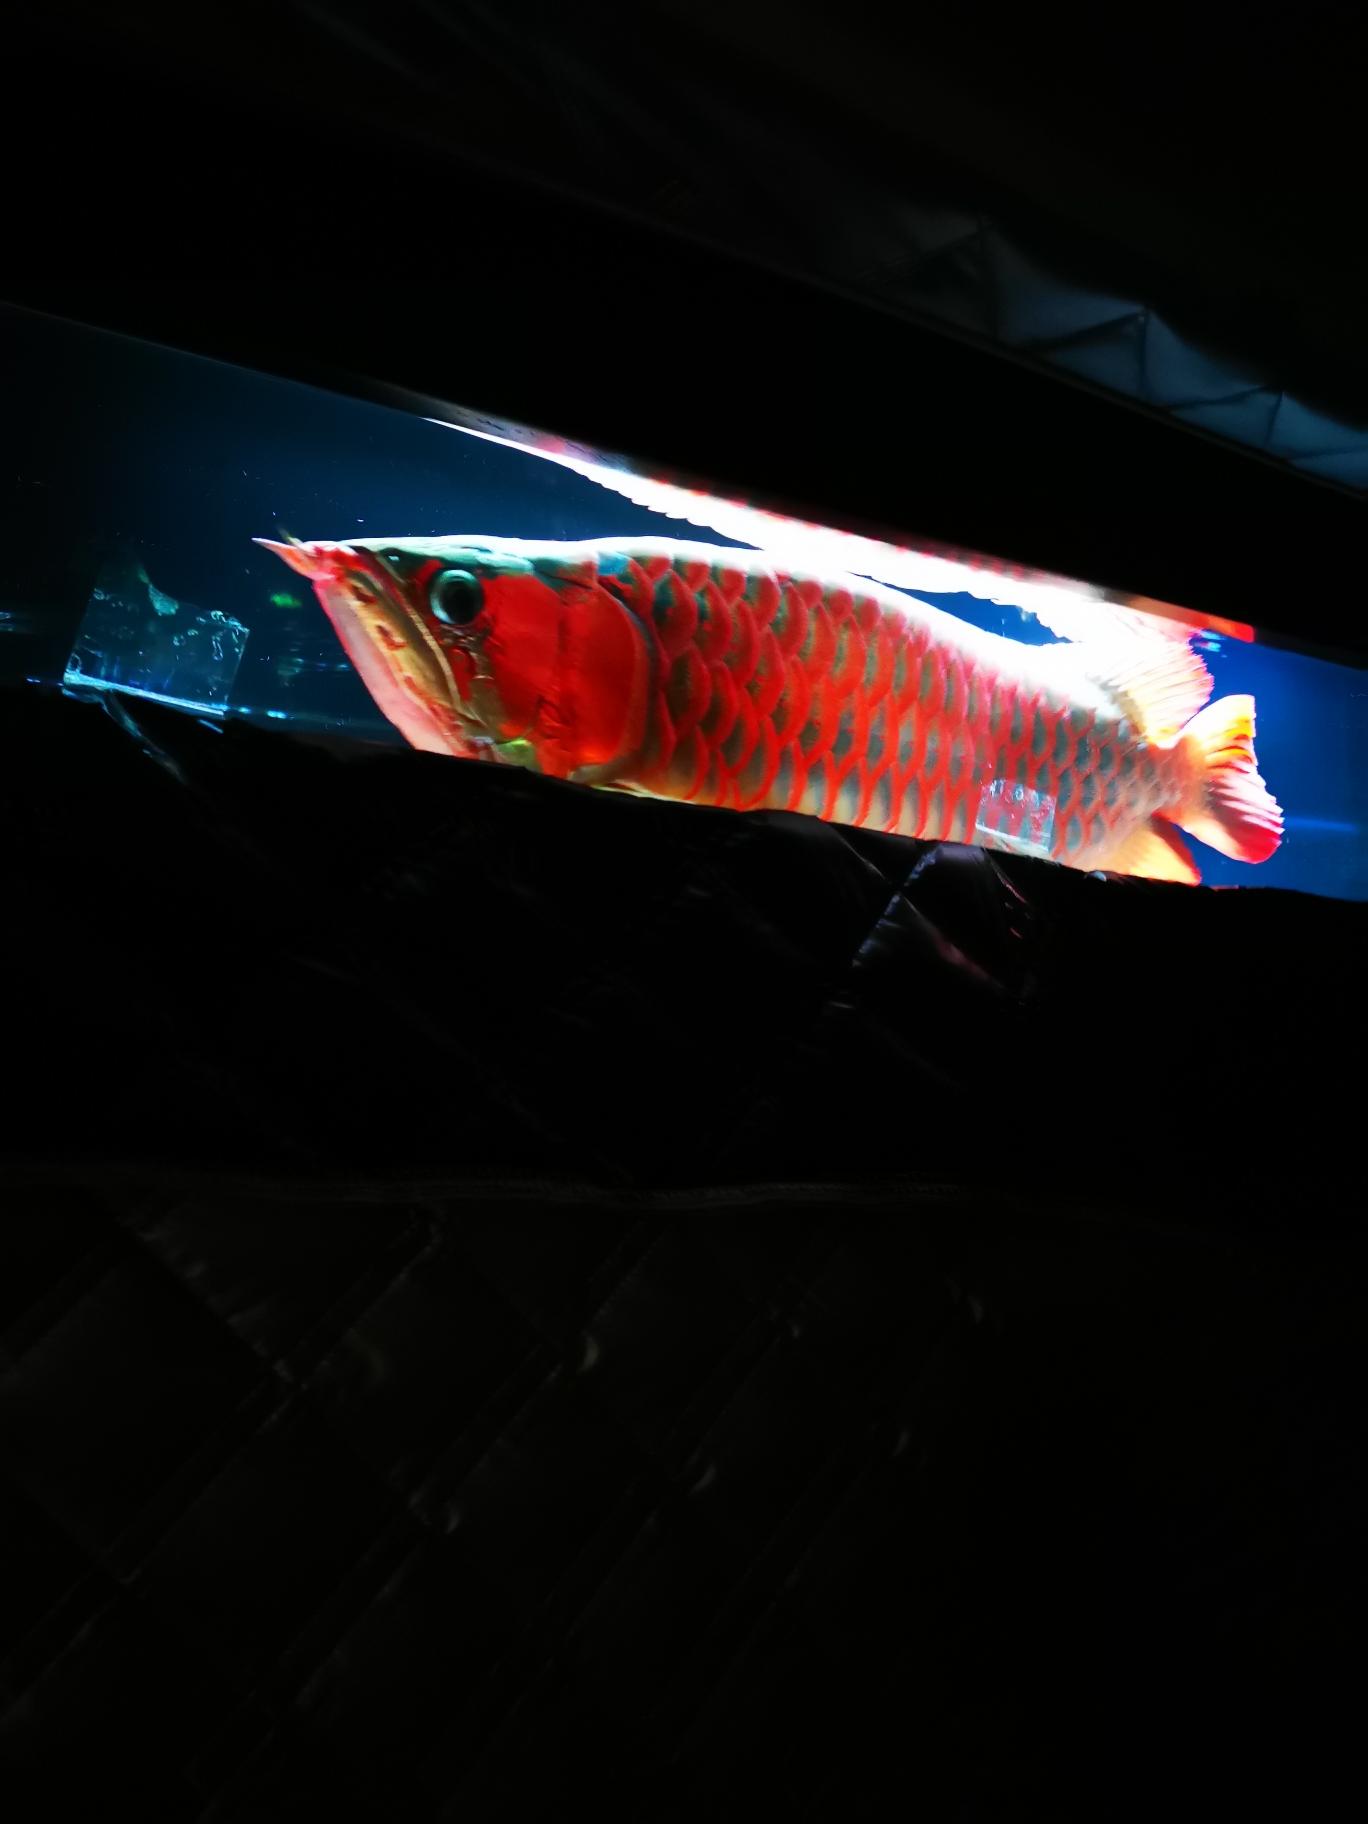 北京纯血皇冠黑白魟鱼鉴别25X105米搞莫怕